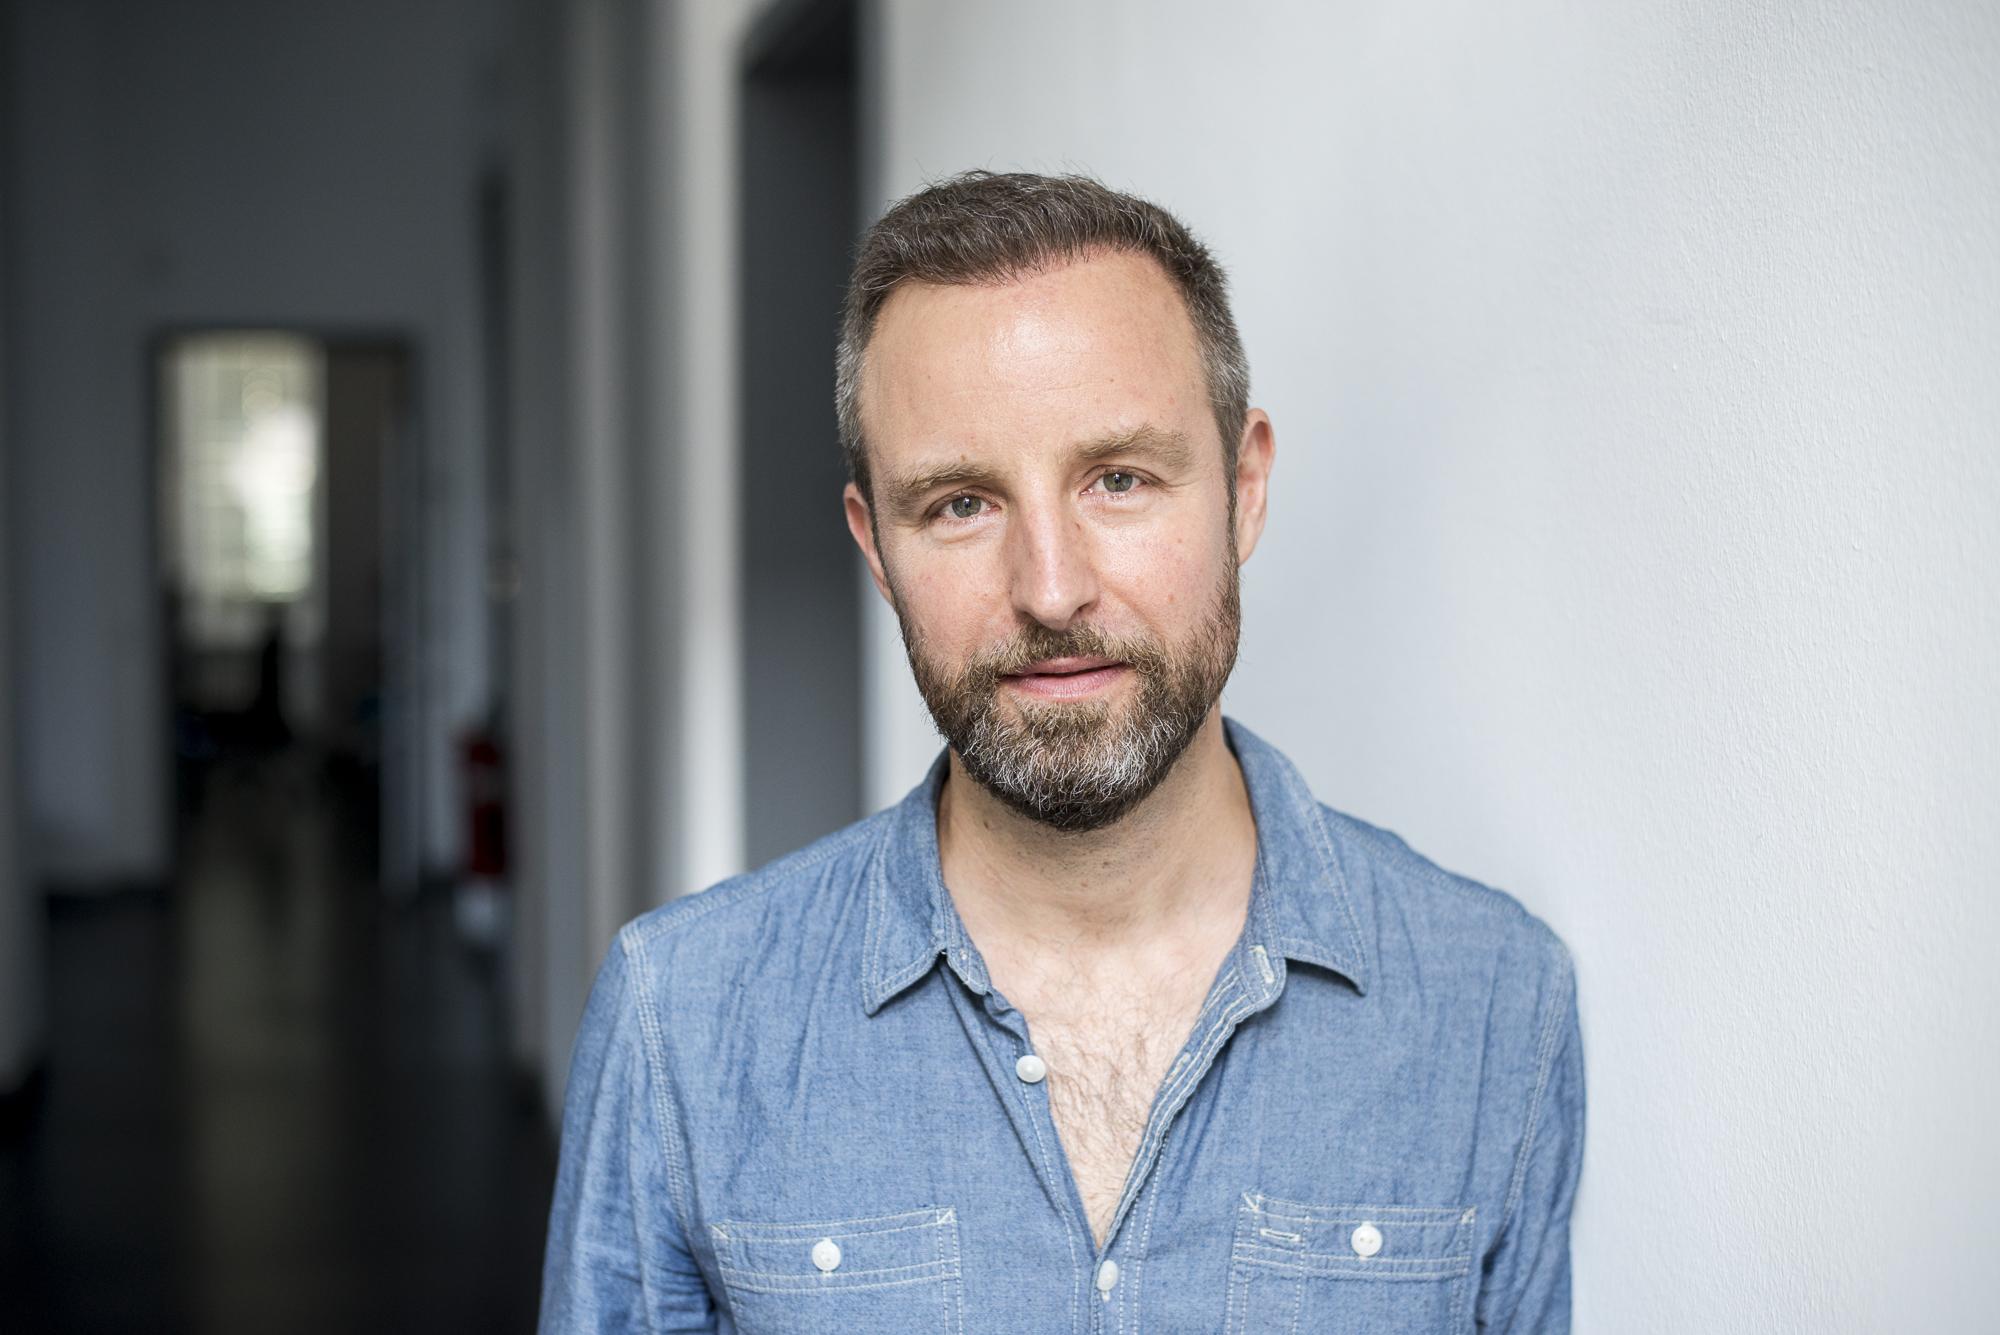 Markus Albers